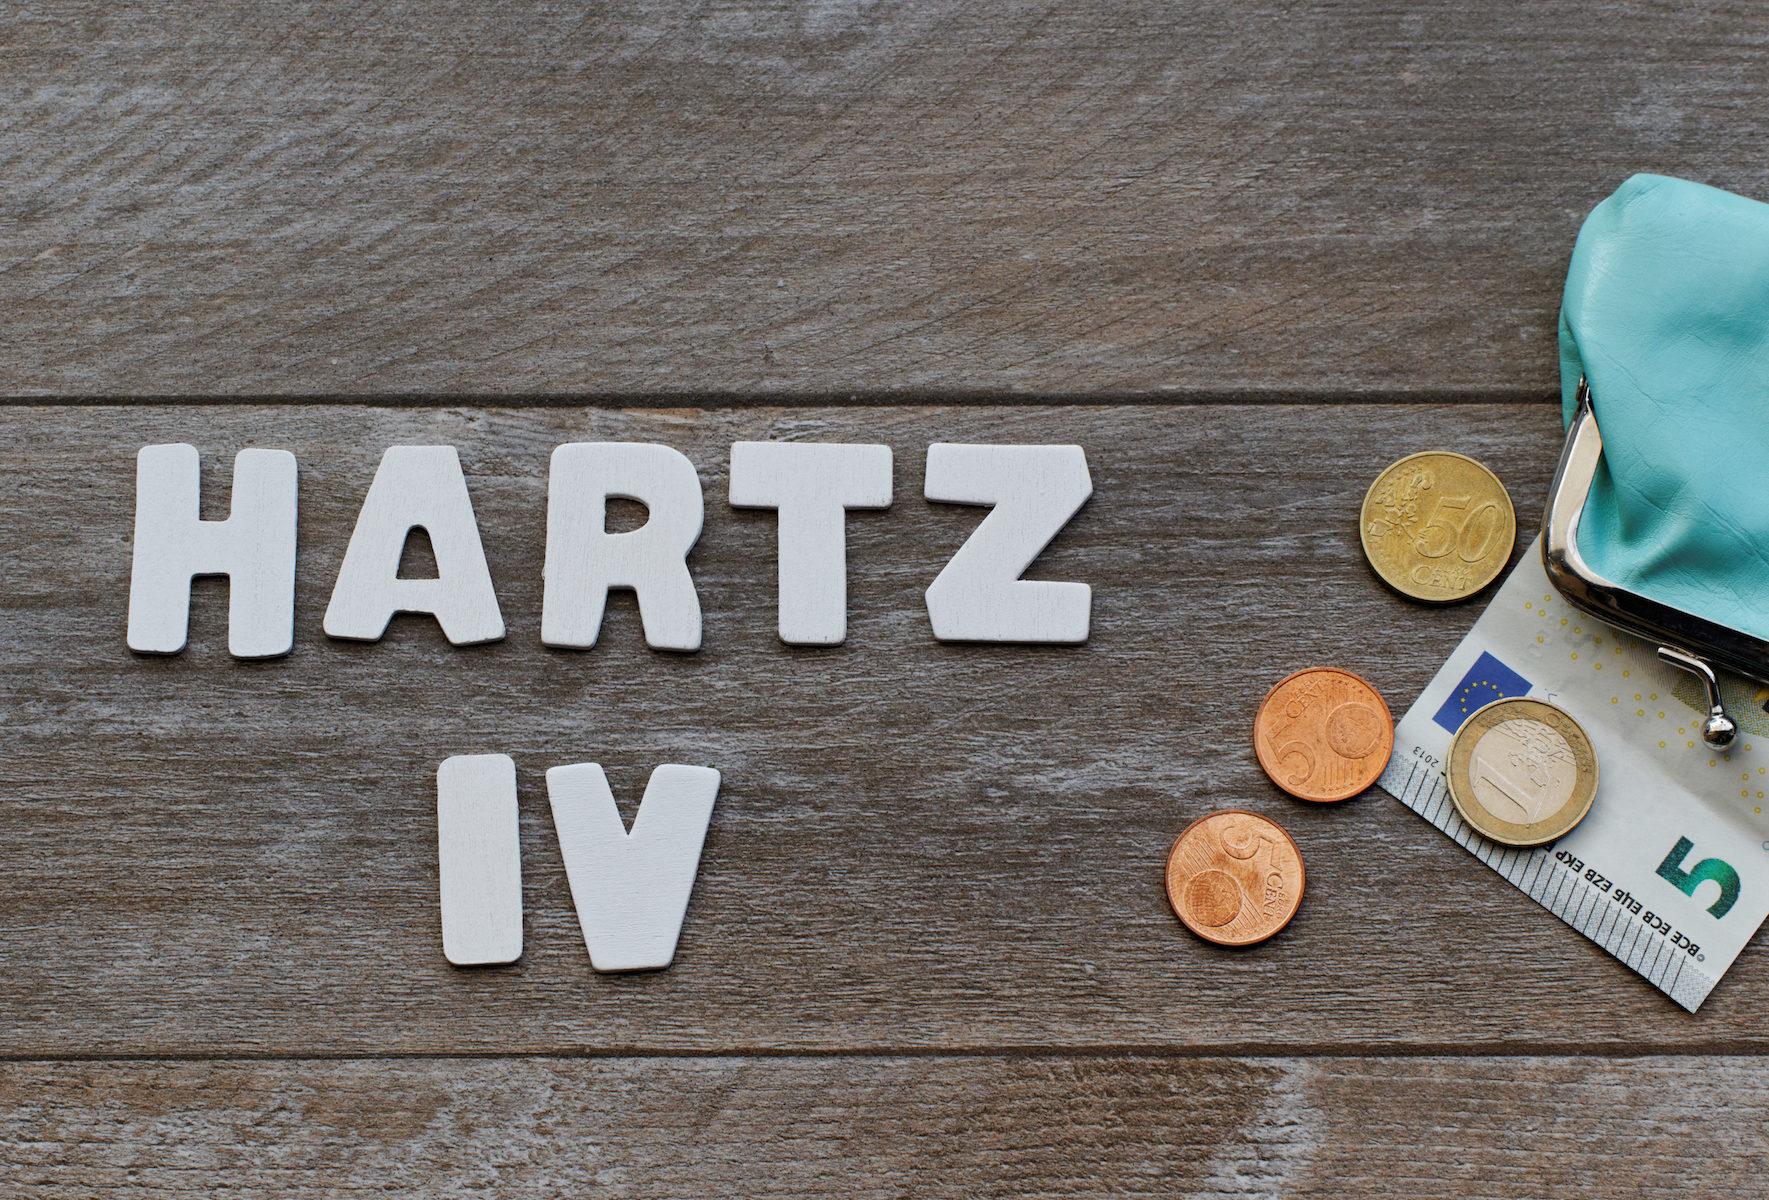 hartz iv urteile widerspruchsfrist 1769x1200 - Hinzuverdienstgrenze wird bei Hartz IV erhöht